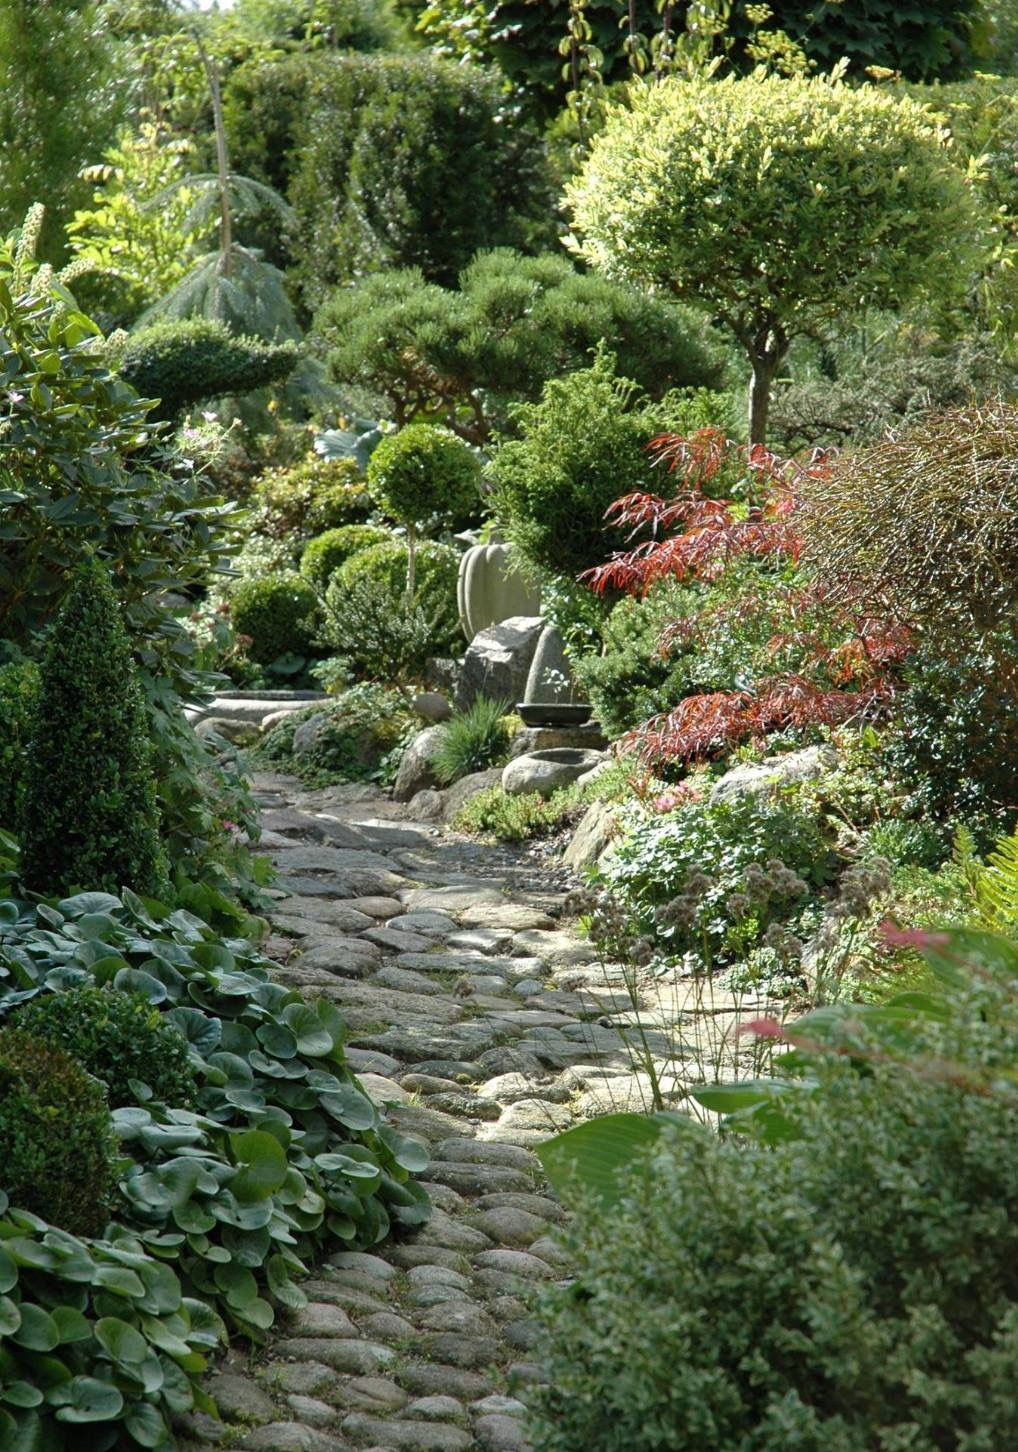 Melissehome On Instagram Home Garden Living The Good Life Inspo Interiordesign Interior Homedecor Homeim Cottage Garten Garten Garten Landschaftsbau